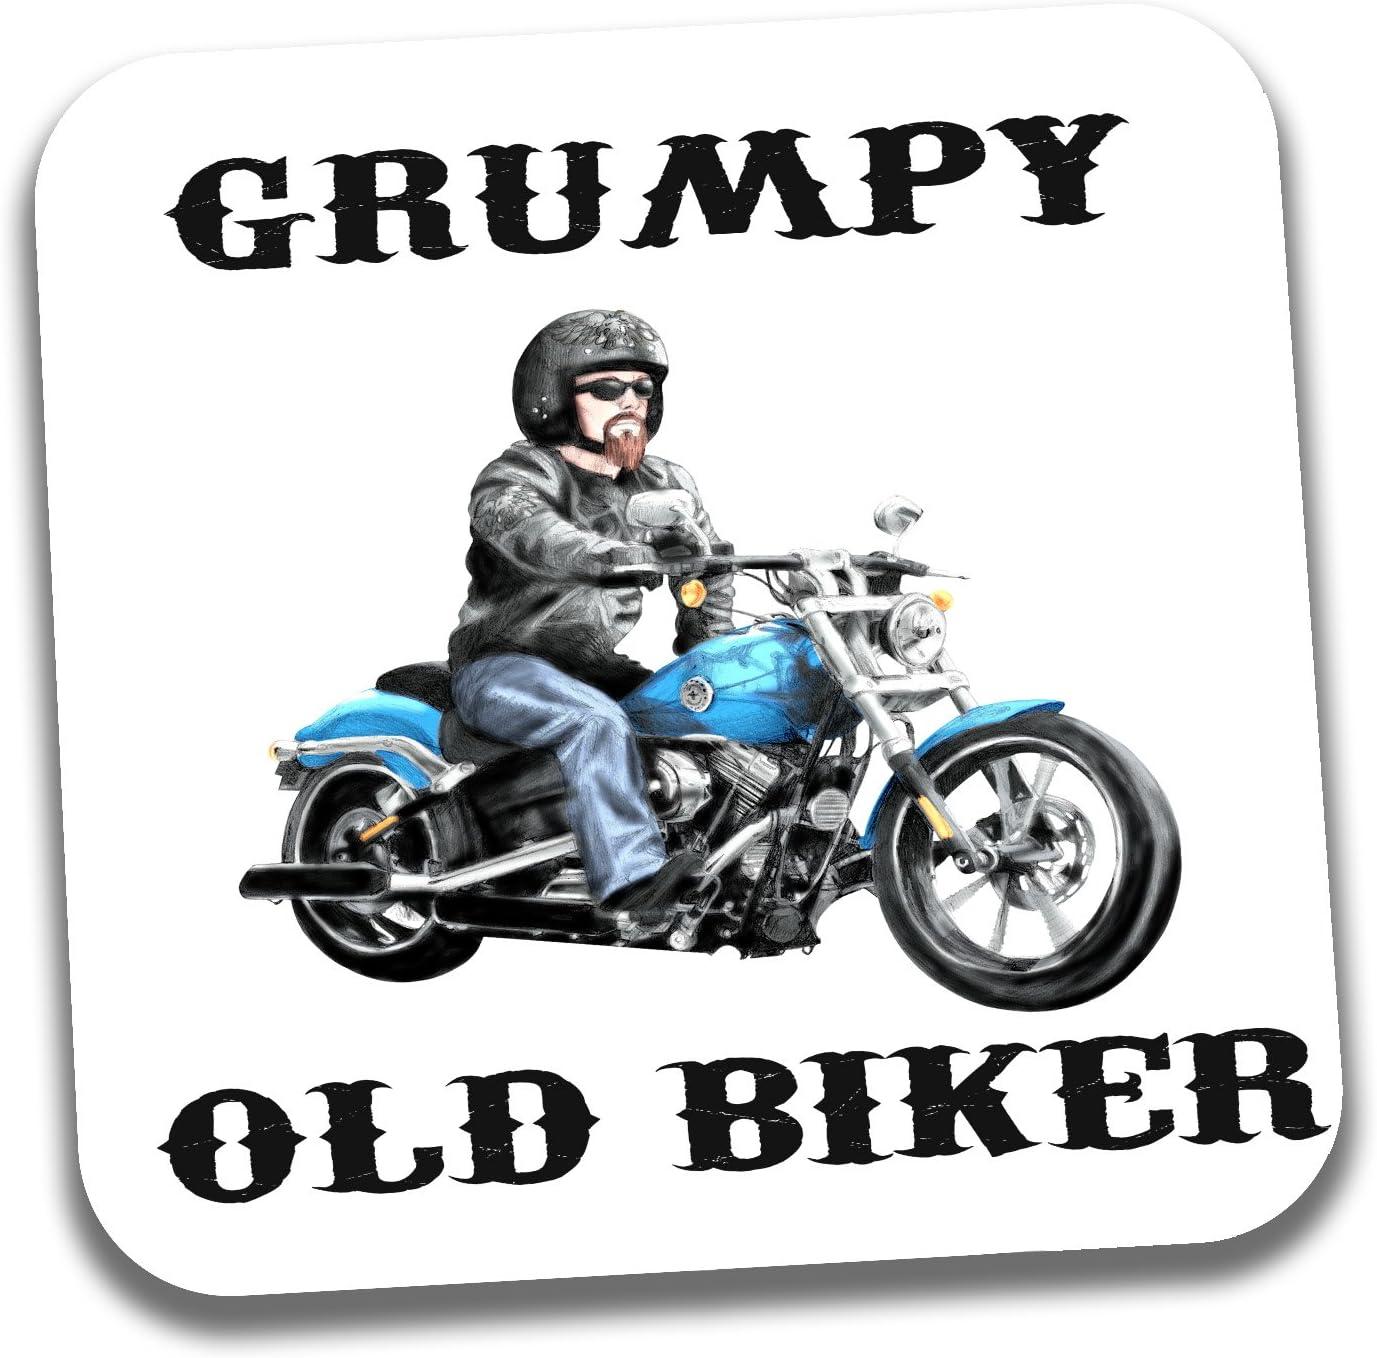 Divertido regalo de Harley Biker para el Día del Padre, cumpleaños, Navidad, para un viejo ciclista gruñón Posavasos.